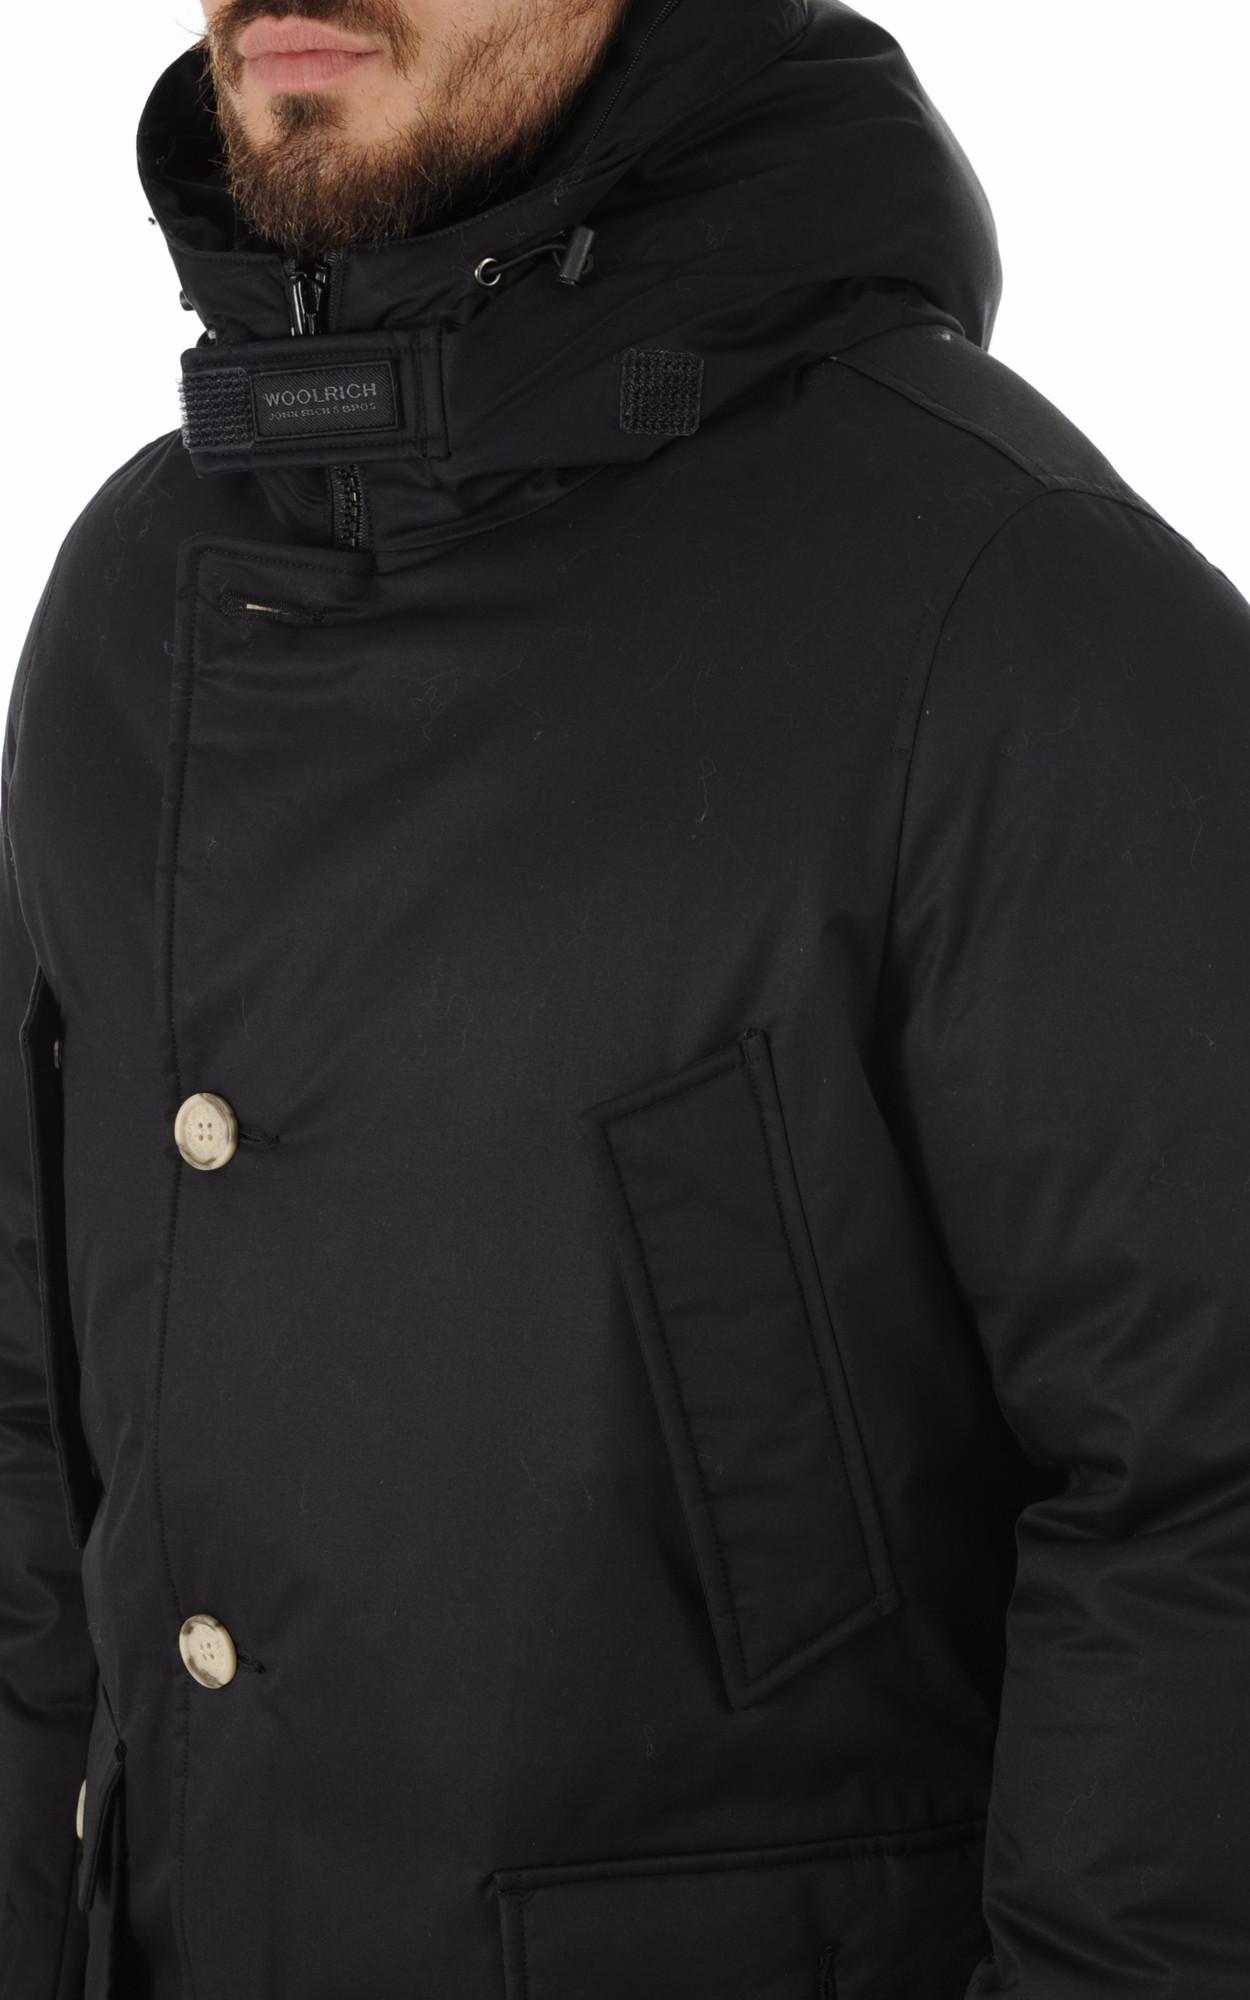 Parka Laminated Coton Noir Woolrich